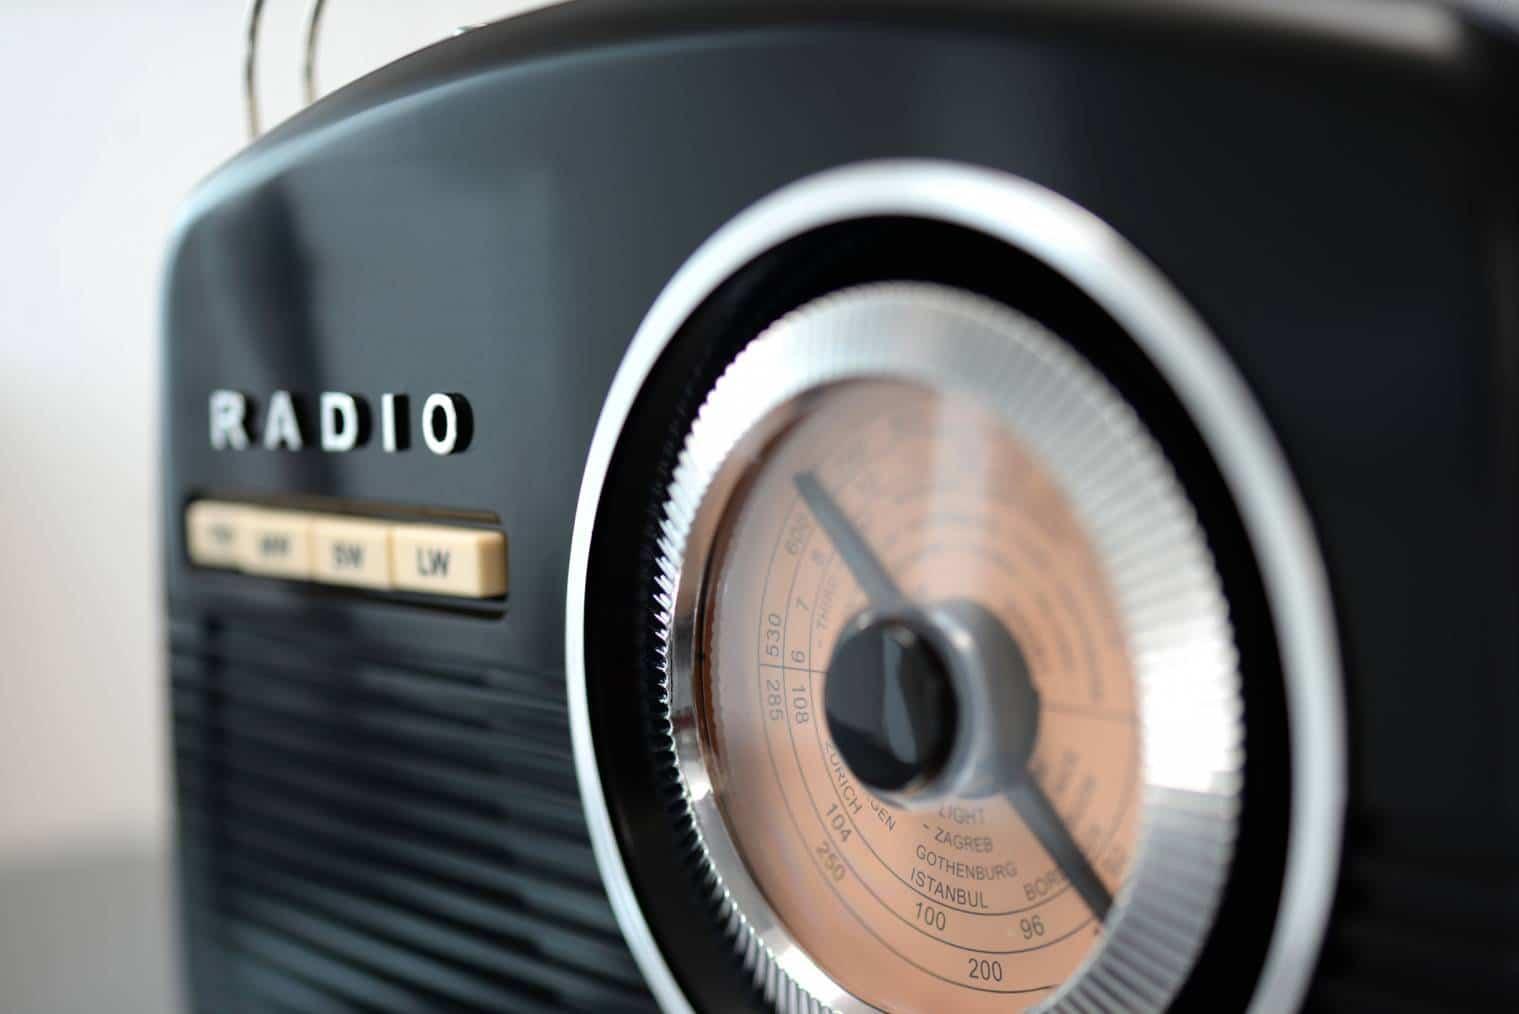 Classement des radios les plus écoutées en France